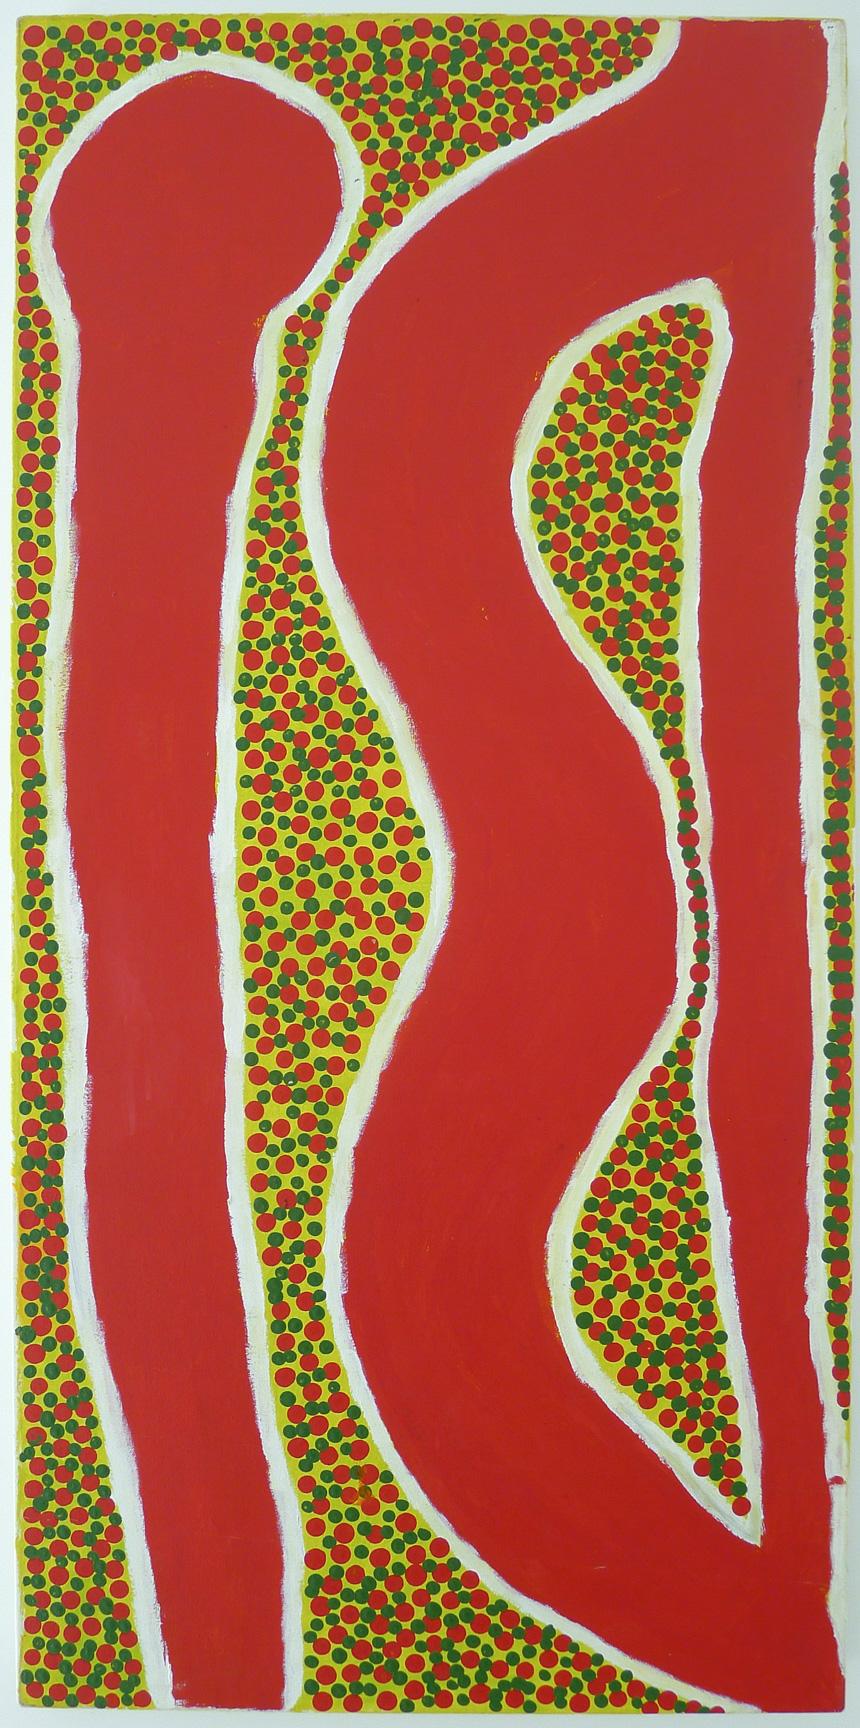 Spider Snell, Karruwilgi, acrylic on canvas, 120 x 60 cm